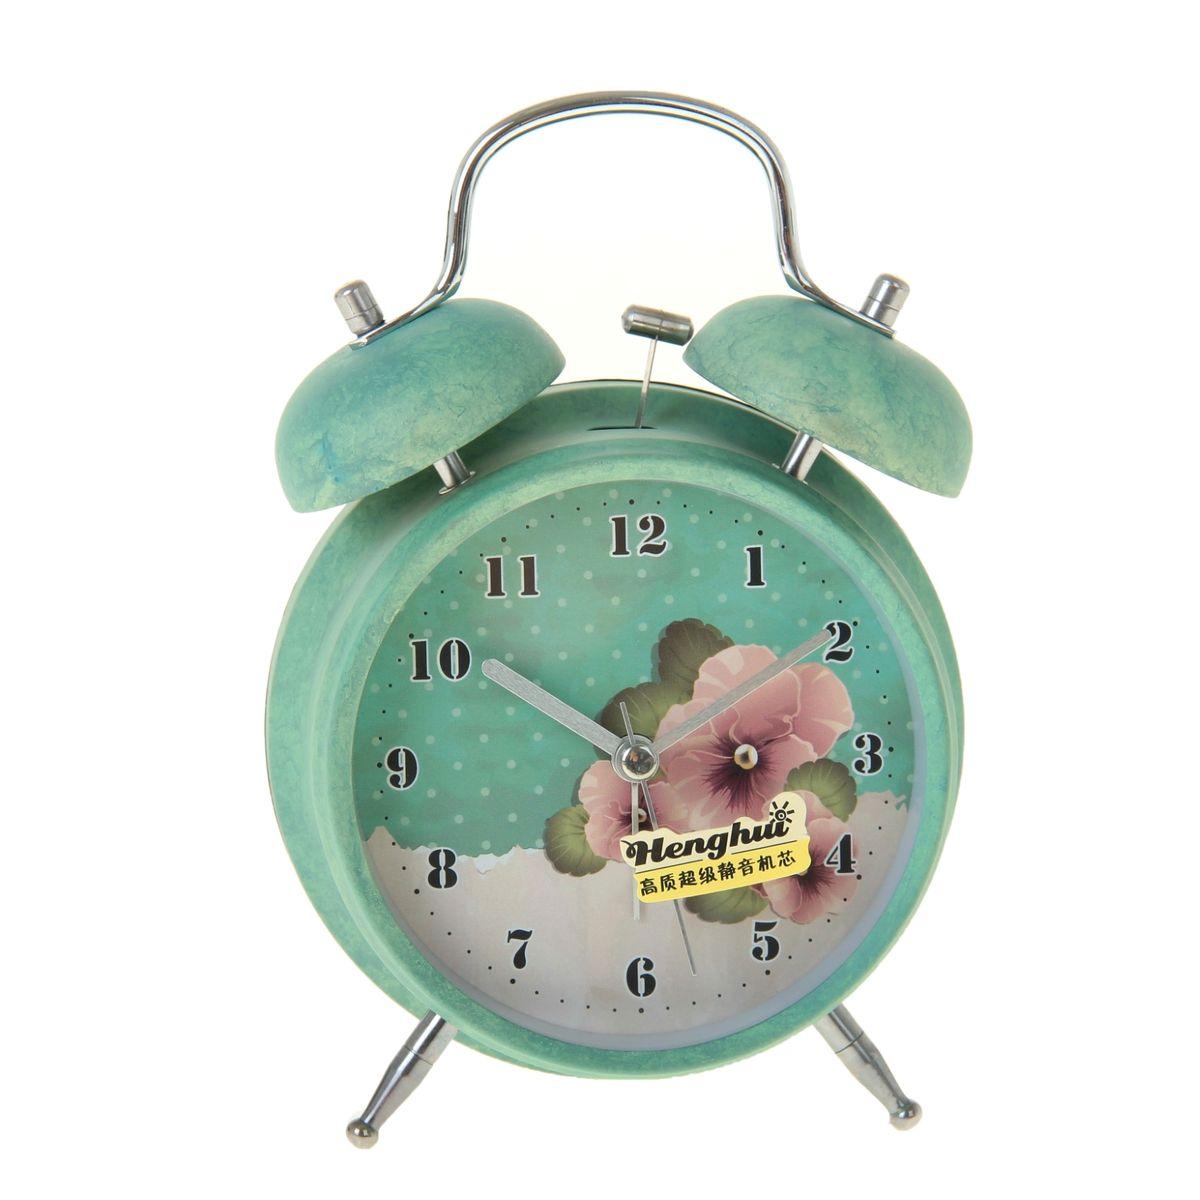 Часы-будильник Sima-land. 906610N-08Как же сложно иногда вставать вовремя! Всегда так хочется поспать еще хотя бы 5 минут и бывает, что мы просыпаем. Теперь этого не случится! Яркий, оригинальный будильник Sima-land поможет вам всегда вставать в нужное время и успевать везде и всюду. Время показывает точно и будит в установленный час. Будильник украсит вашу комнату и приведет в восхищение друзей. На задней панели будильника расположены переключатель включения/выключения механизма и два колесика для настройки текущего времени и времени звонка будильника. Также будильник оснащен кнопкой, при нажатии и удержании которой, подсвечивается циферблат.Будильник работает от 1 батарейки типа AA напряжением 1,5V (не входит в комплект).